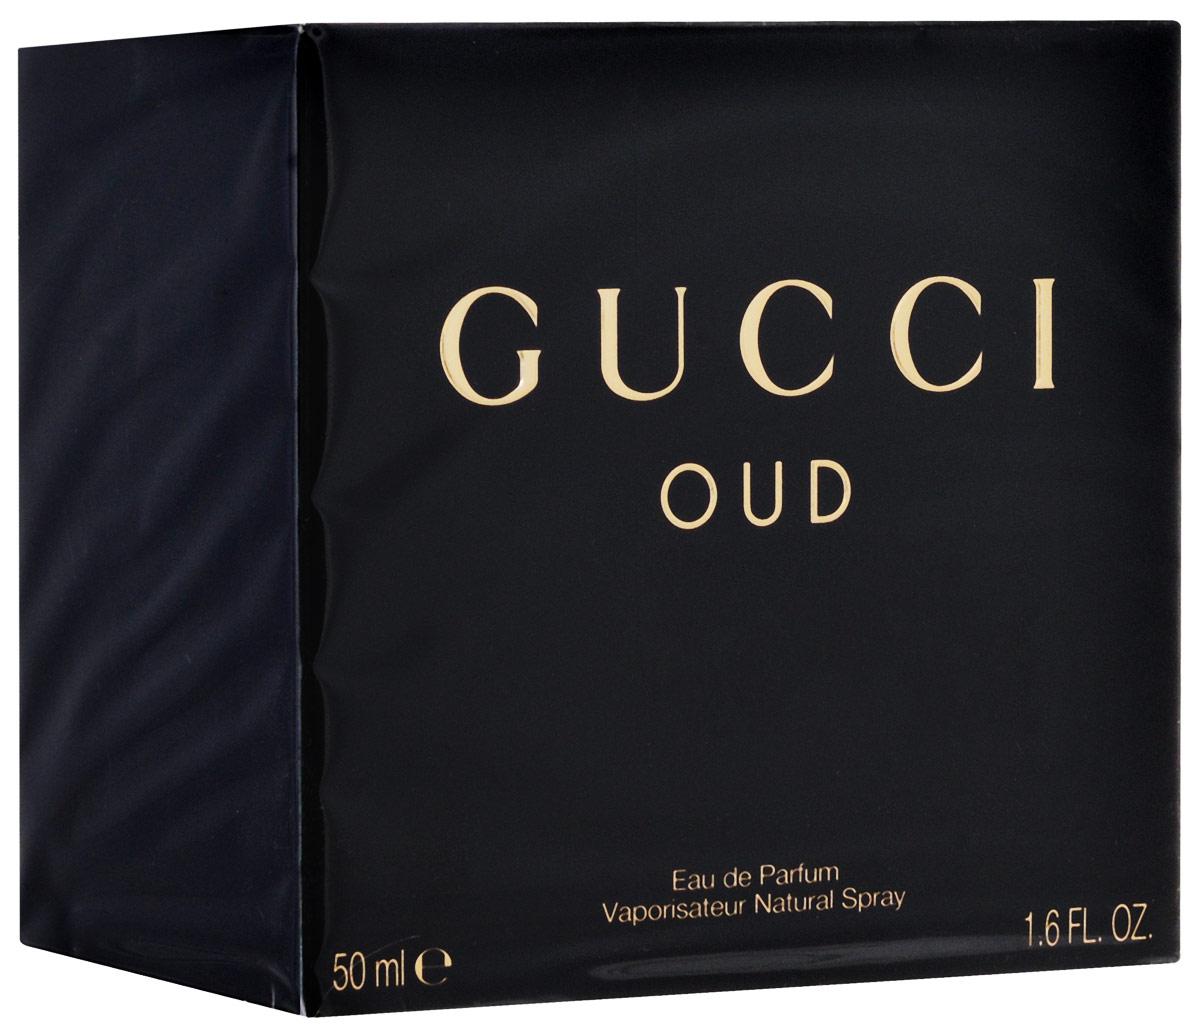 Gucci Oud Парфюмированная вода женская 50 мл0737052824420Gucci Oud – стильный, гламурный и немного загадочный восточно-древесный унисекс парфюм от бренда Gucci. Аромат является фланкером парфюма Gucci 2007 года. Редакция 2014 года посвящена очень популярному в наше время аромату дерева уд. Его элегантный и очень гармоничный запах вдохновляет множество парфюмеров на создание ароматов на его основе. Но Аромат от Гуччи звучит совершенно по-особенному, соединив стильный восточный уд с изысканной роскошью западных парфюмов. Даже дымчатый, почти черный с золотистой пробкой и крошечным золотым брелком флакон является самим воплощением элегантности и стиля. Парфюм раскрывается фруктовыми нотами спелой, чуть прохладной груши и бархатистой малины, дополненными изысканным пряным ароматом шафрана. Сердце аромата наполнено роскошным бархатистым ароматом розы и терпковато-медовым запахом цветов апельсинового дерева. Роскошный элегантный уд лежит в базе аромата, окруженный теплыми нотами пачули, нежным мускусом и почти призрачной амброй.